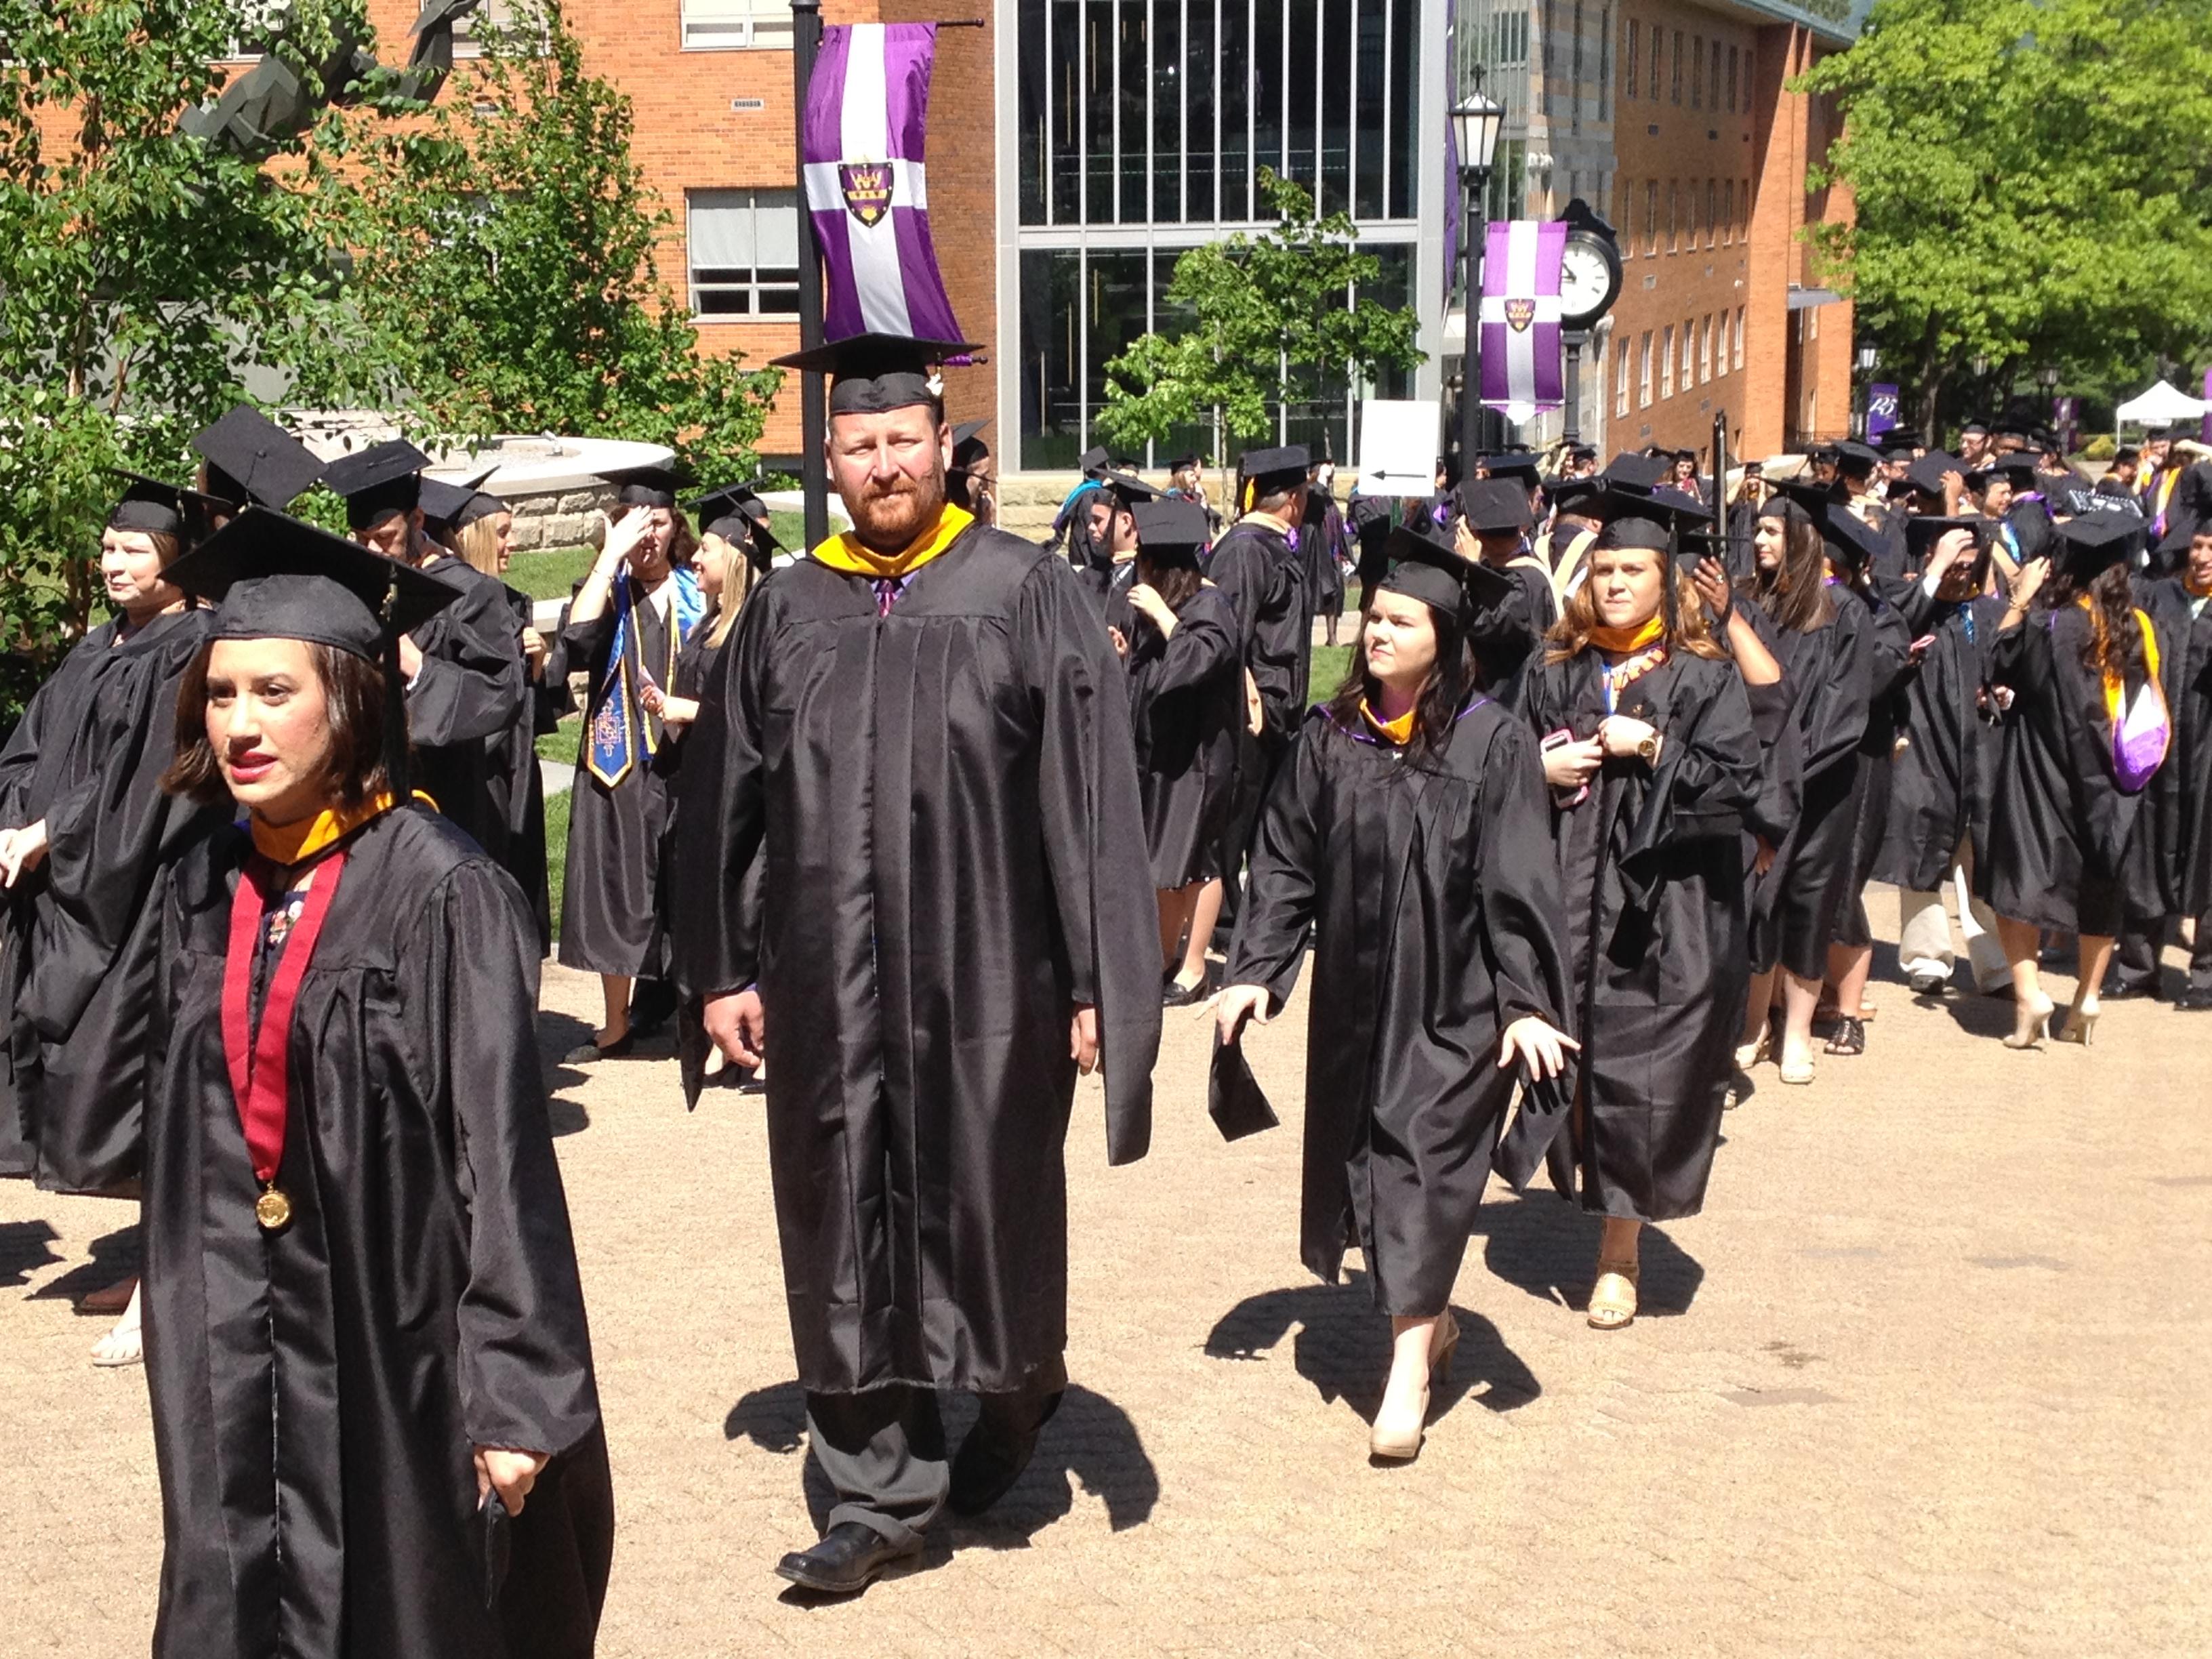 1401813137 graduatecommencement14a